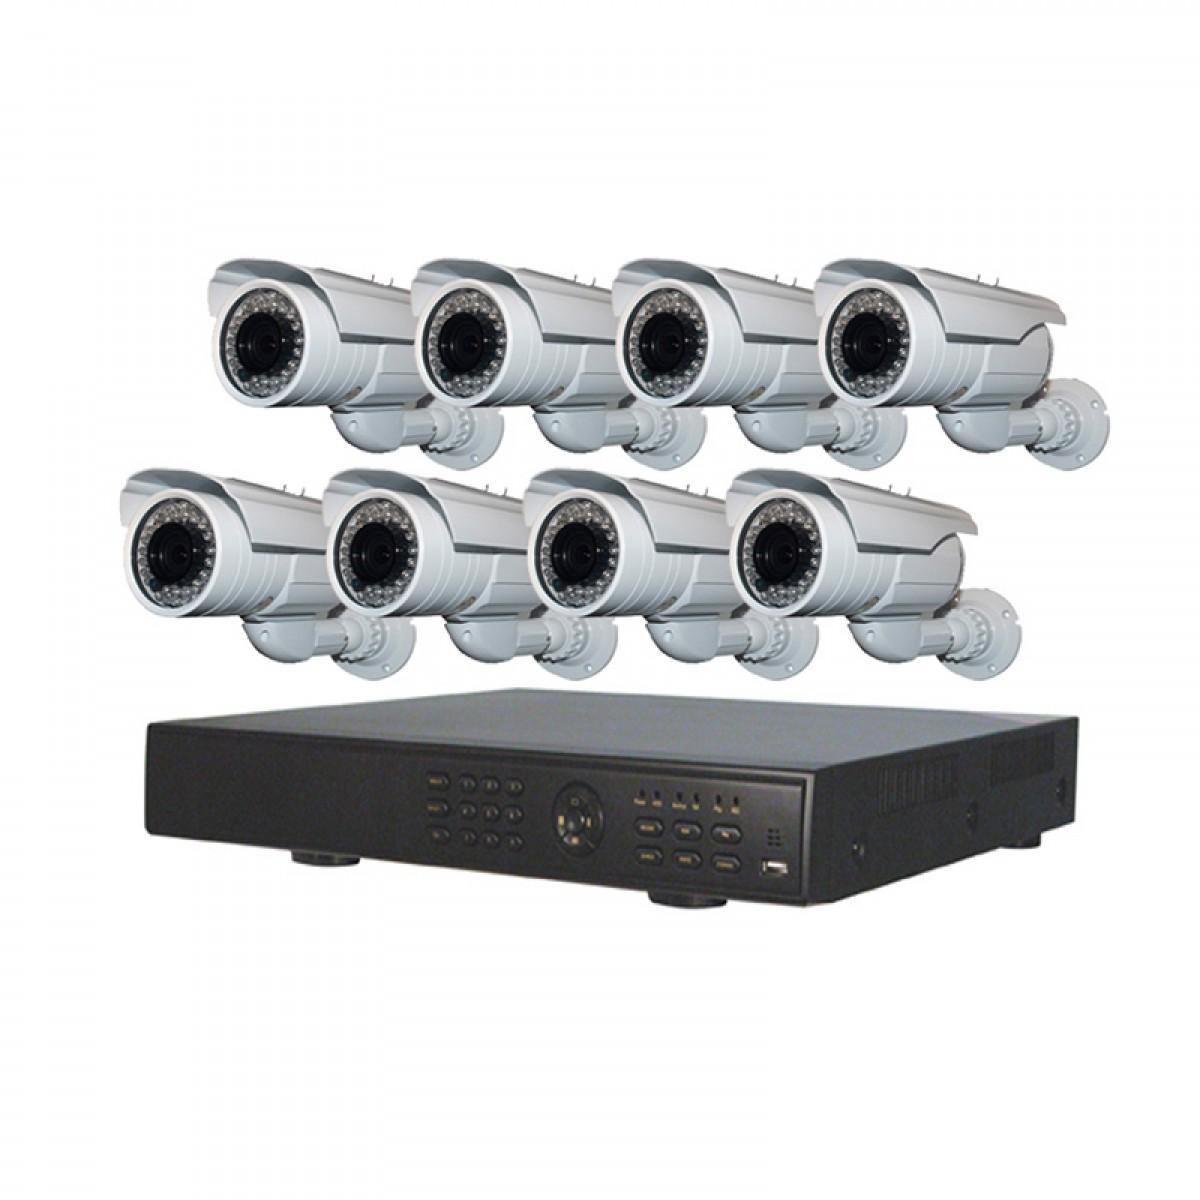 Πλήρες έγχρωμο σετ CCTV εποπτείας και καταγραφής με 4 Κάμερες και σύνδεση μέσω 3G SEGURITY SYSTEM